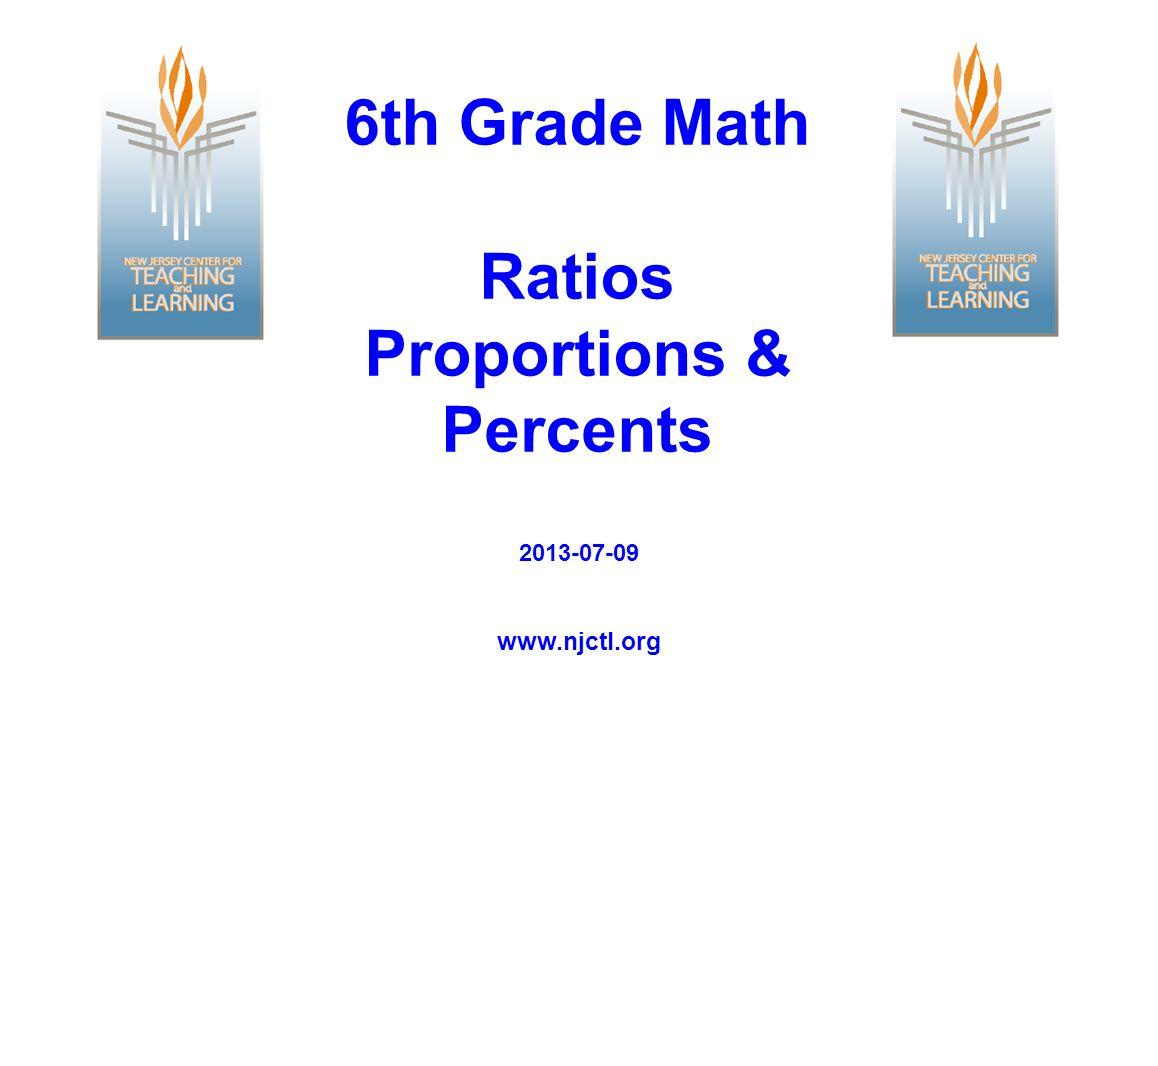 6th Grade Math Ratios Proportions & Percents www.njctl.org 2013-07-09